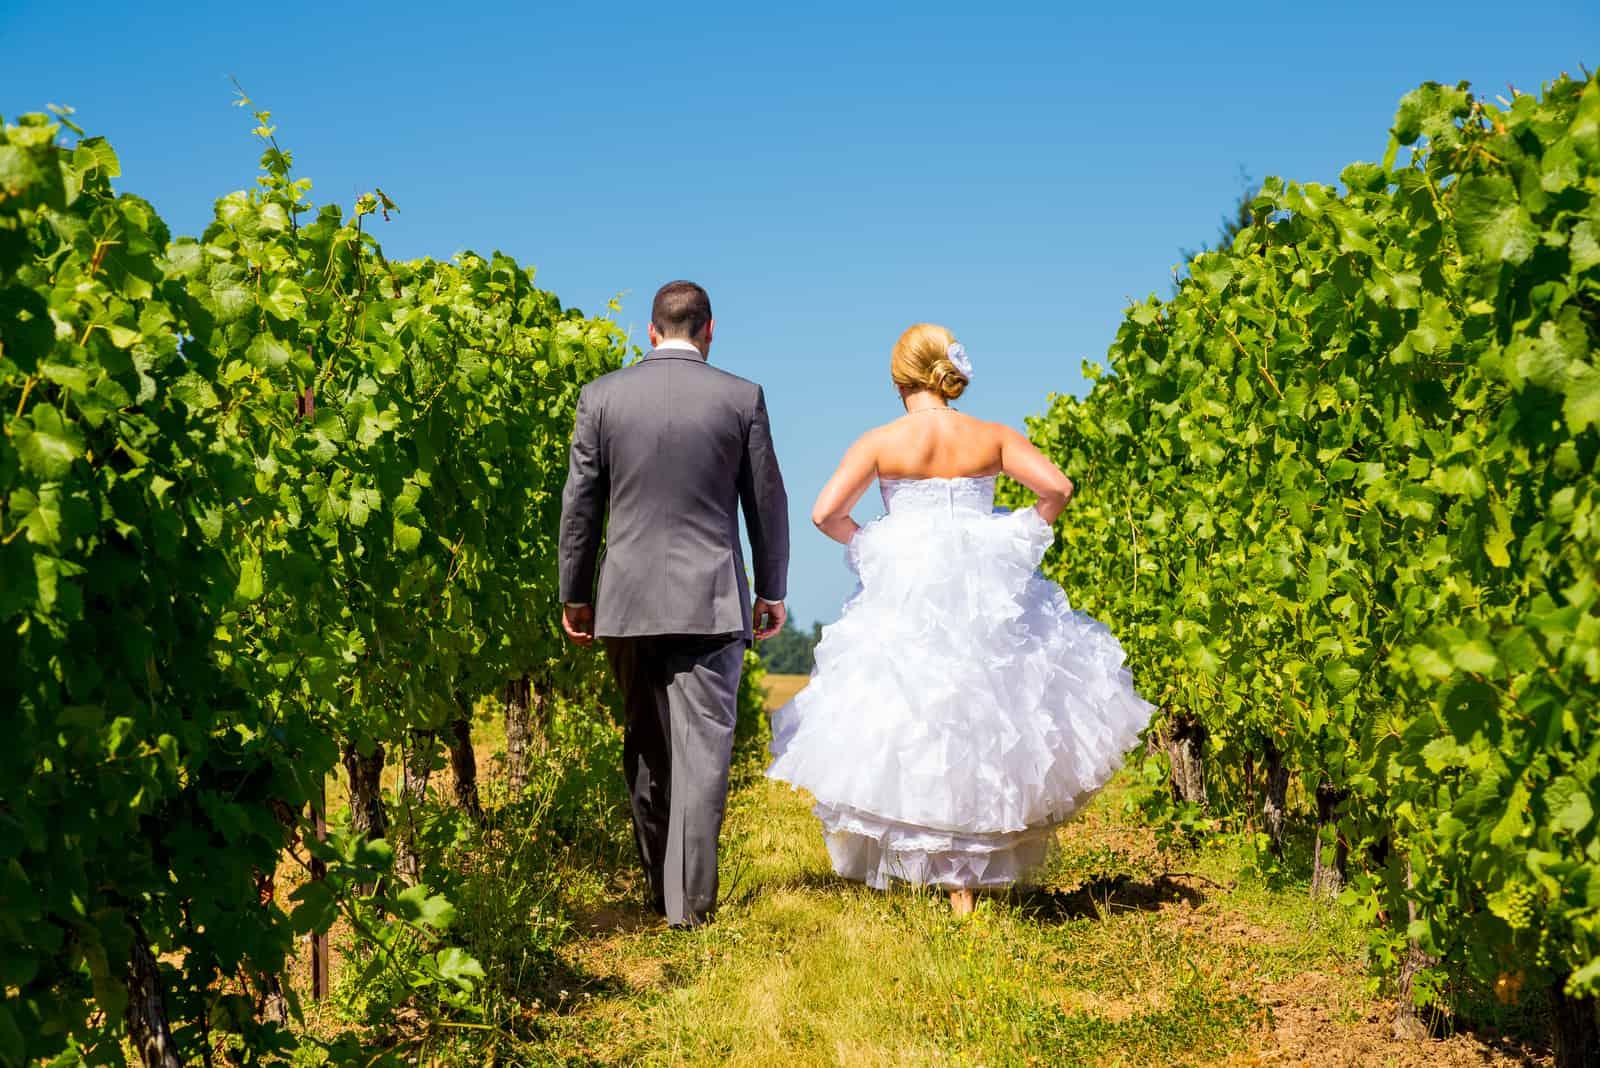 Braut und Bräutigam gehen an einem Weinberg in einem Weingut